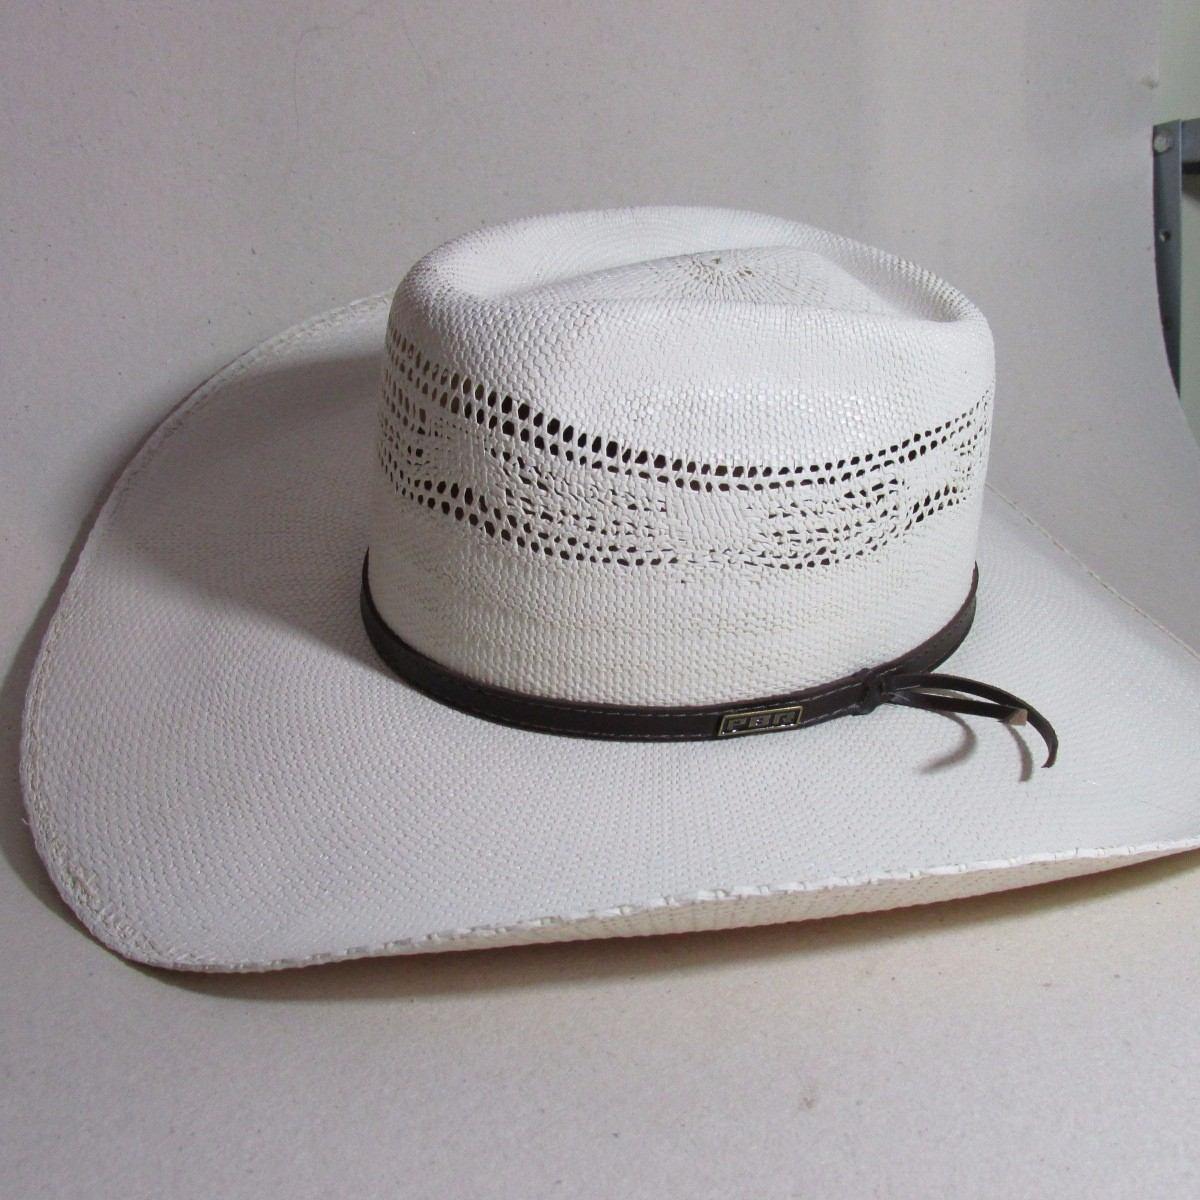 8d3713fc1afa5 chapéu palha bangora pbr country aba12cm cor marfim tam 57. Carregando zoom.